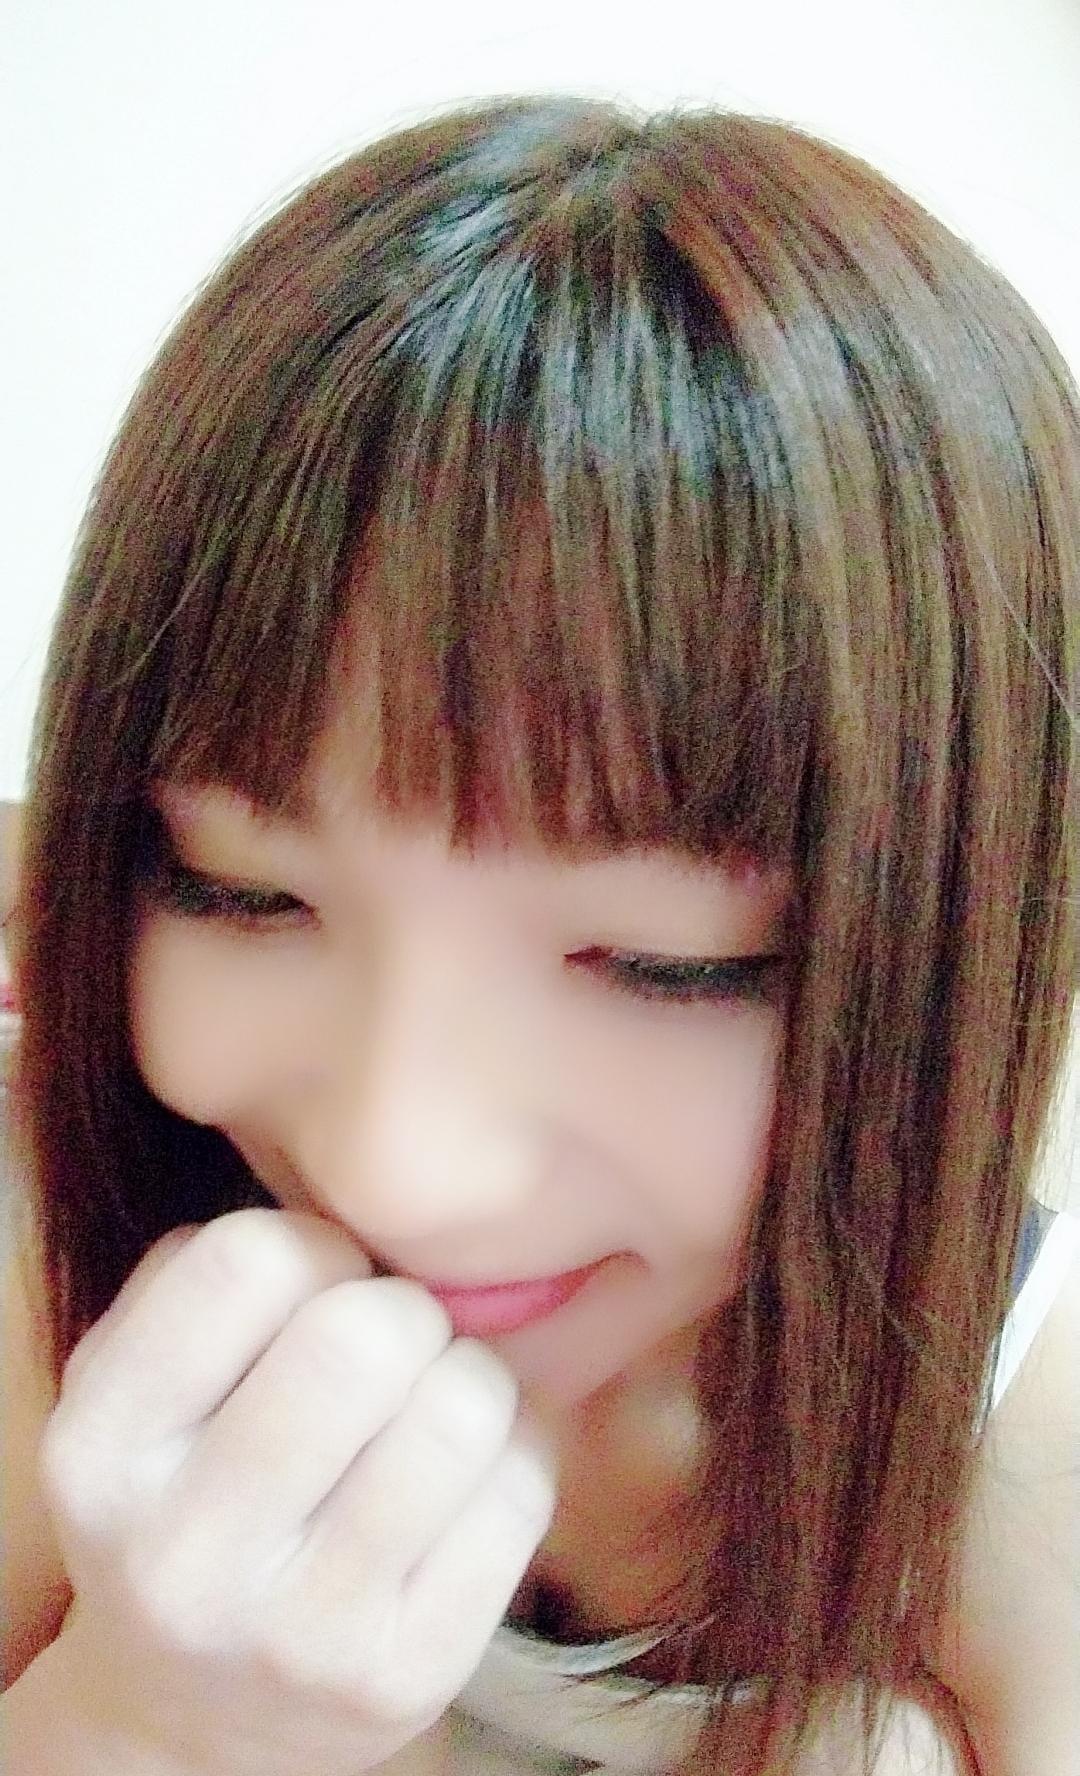 「骨抜き祭り☆」02/14日(木) 13:23   江呂井露子の写メ・風俗動画